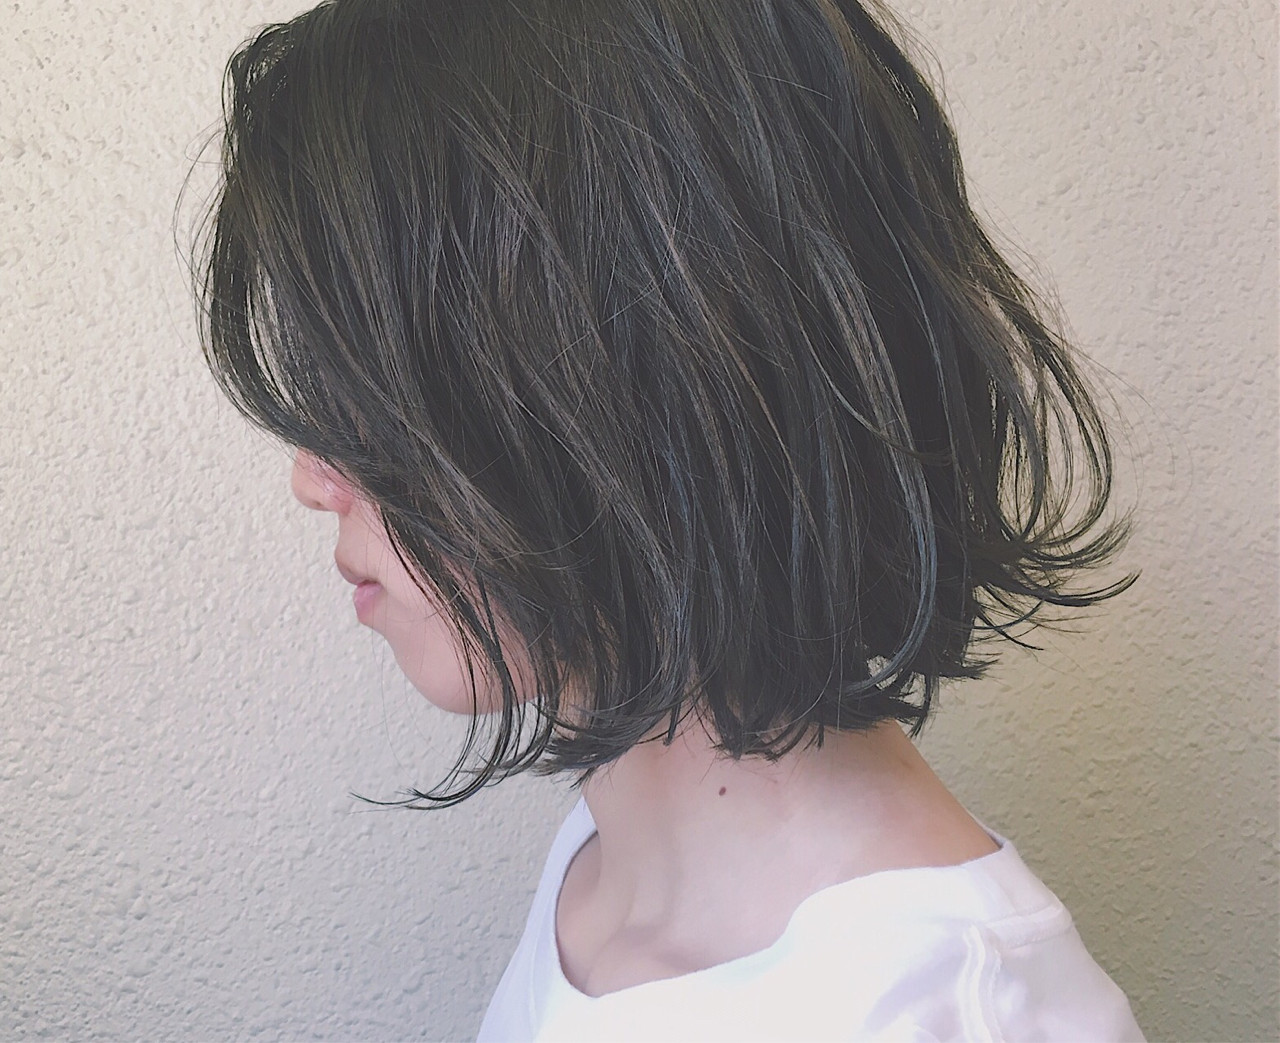 アッシュ 外国人風 暗髪 黒髪 ヘアスタイルや髪型の写真・画像